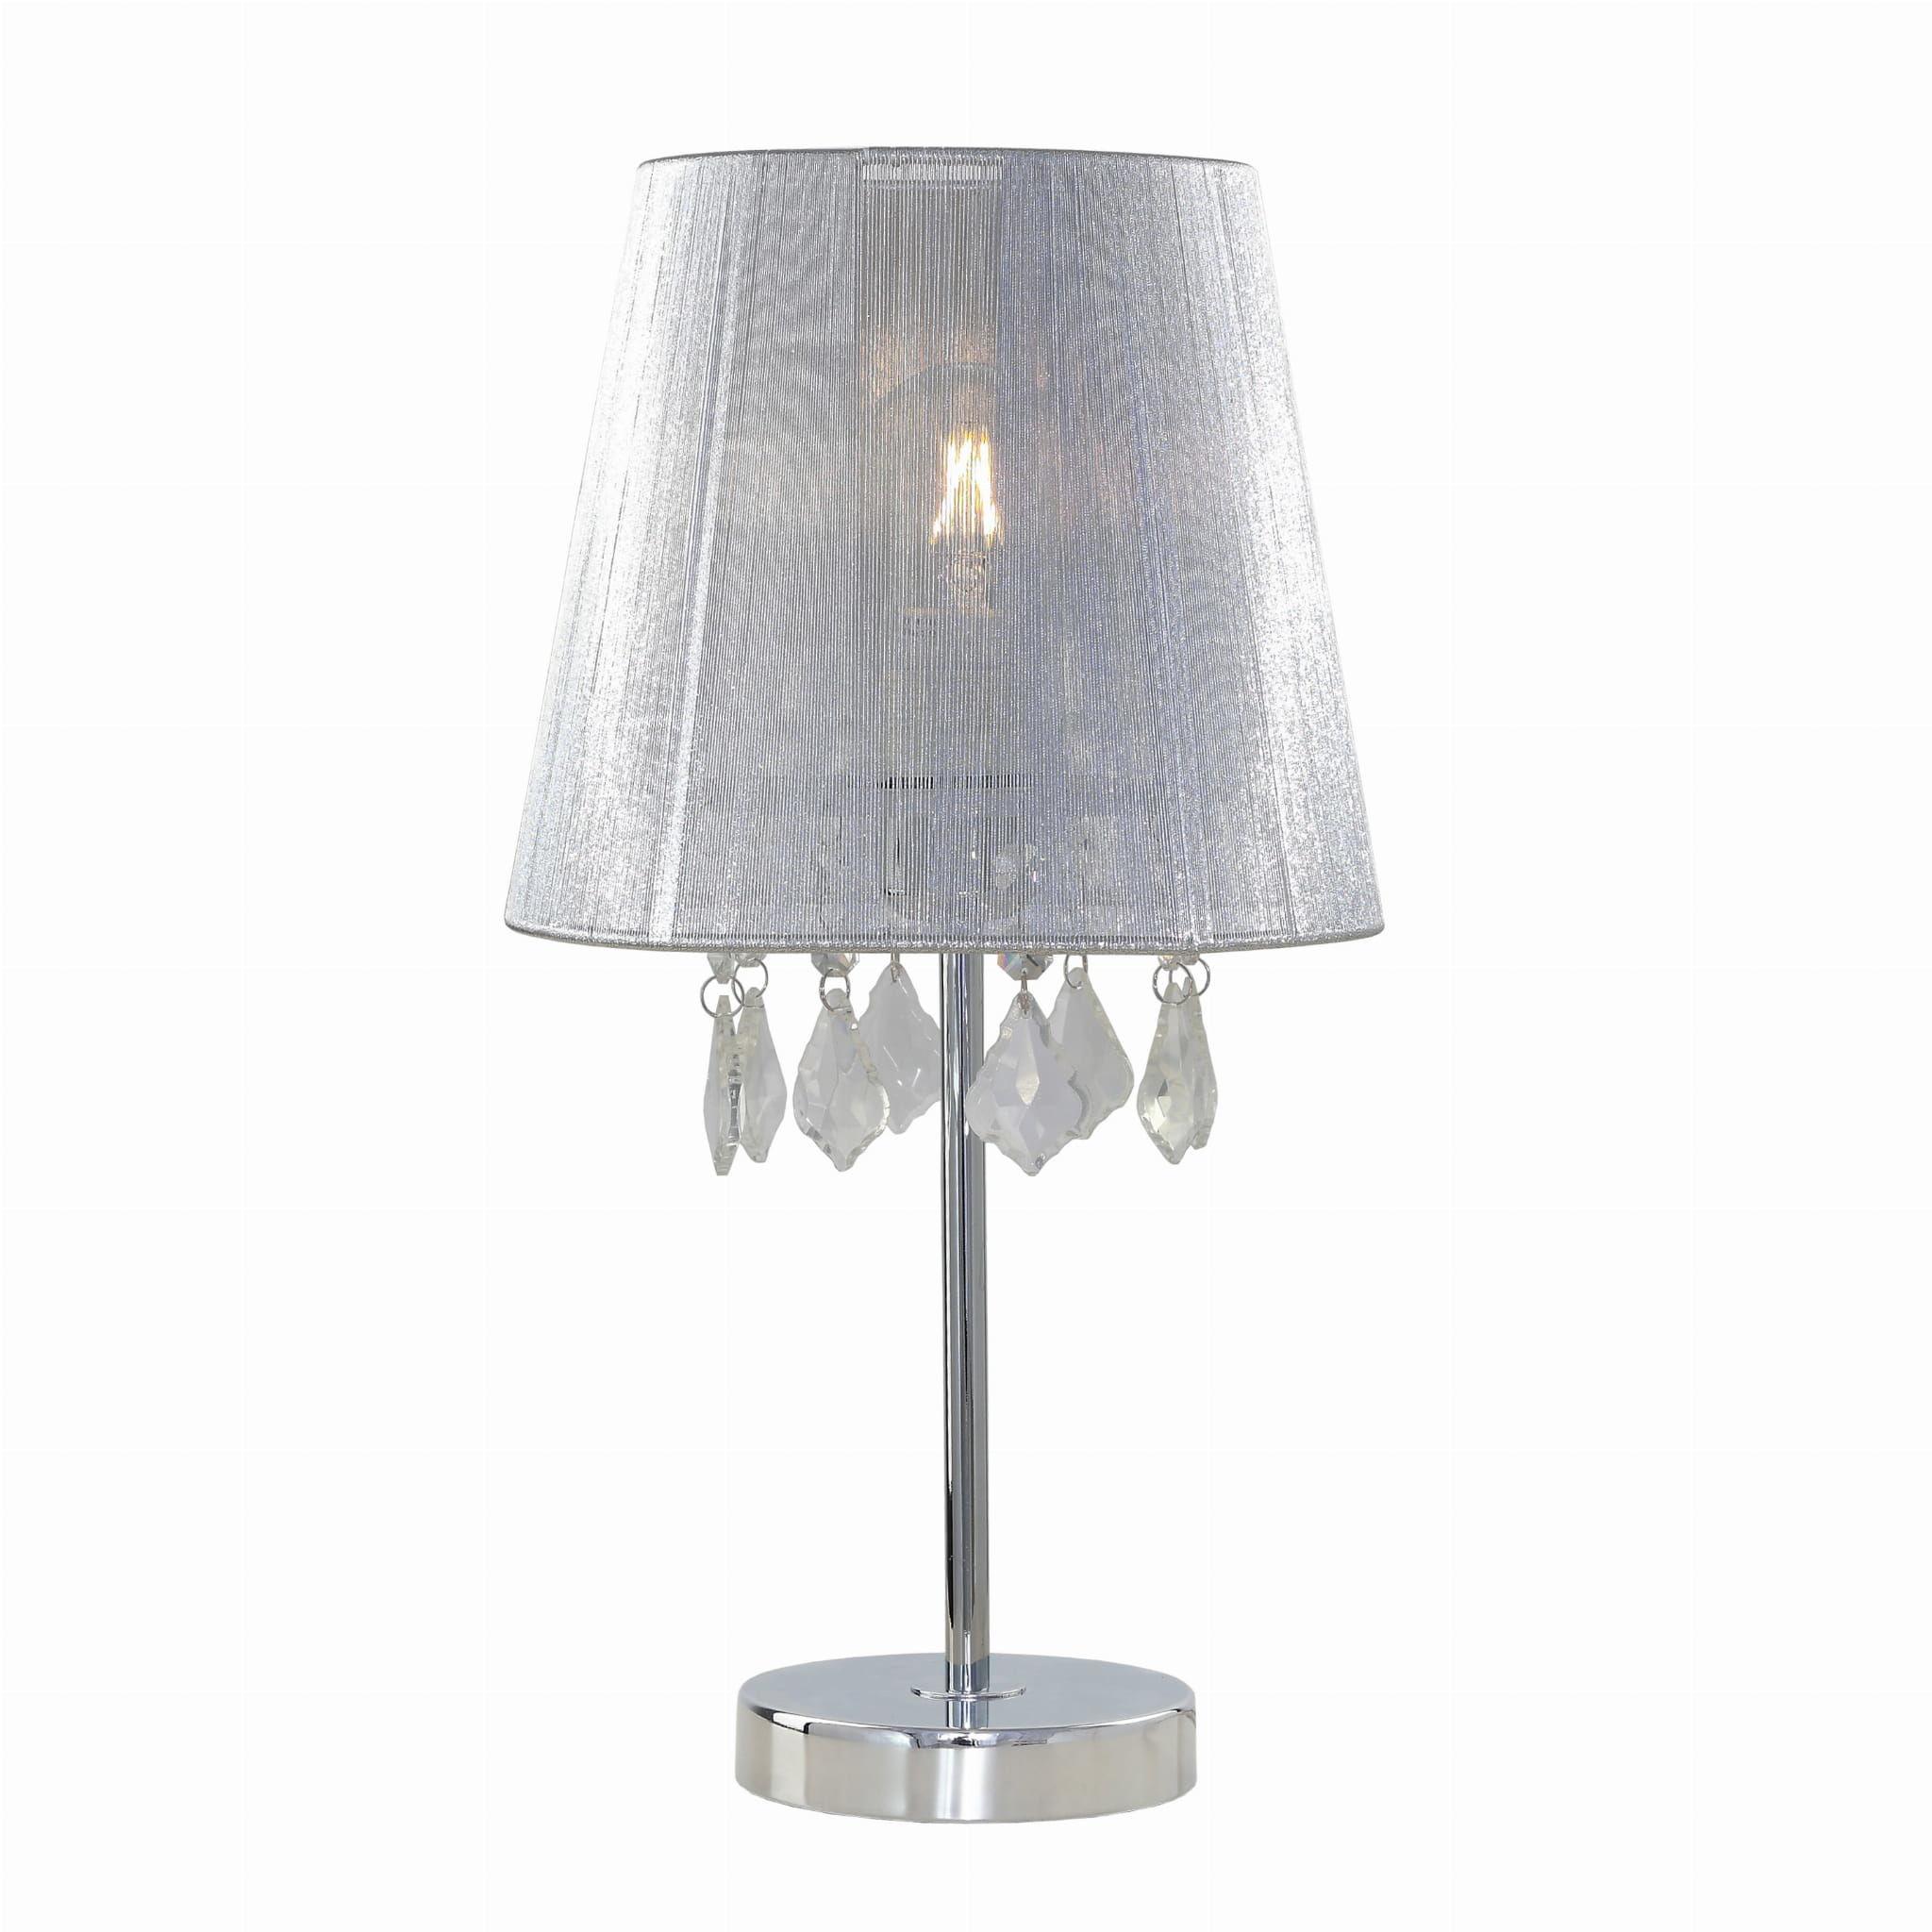 Light Prestige Mona LP-5005/1TS srebrna lampa stołowa metalowa abażur tkanina kryształki 1x60W E27 42,5cm